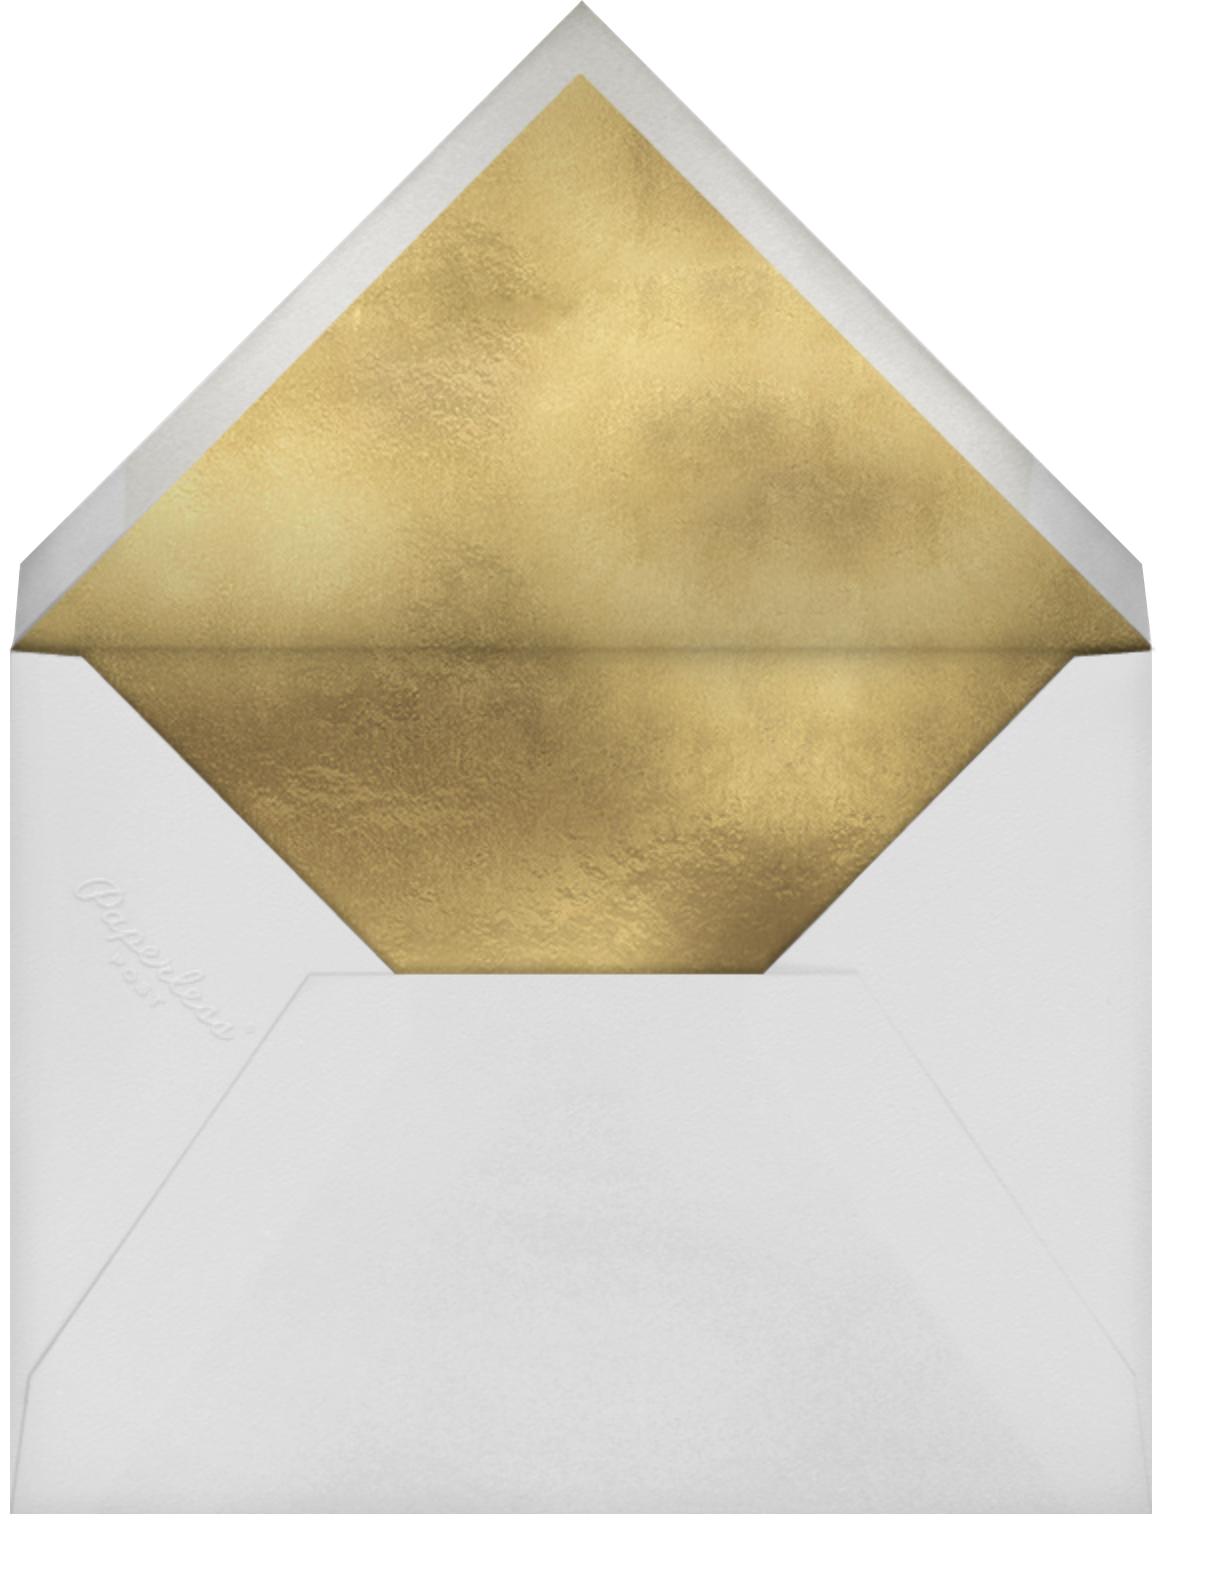 Dappled Blocks - Ashley G - Birthday - envelope back